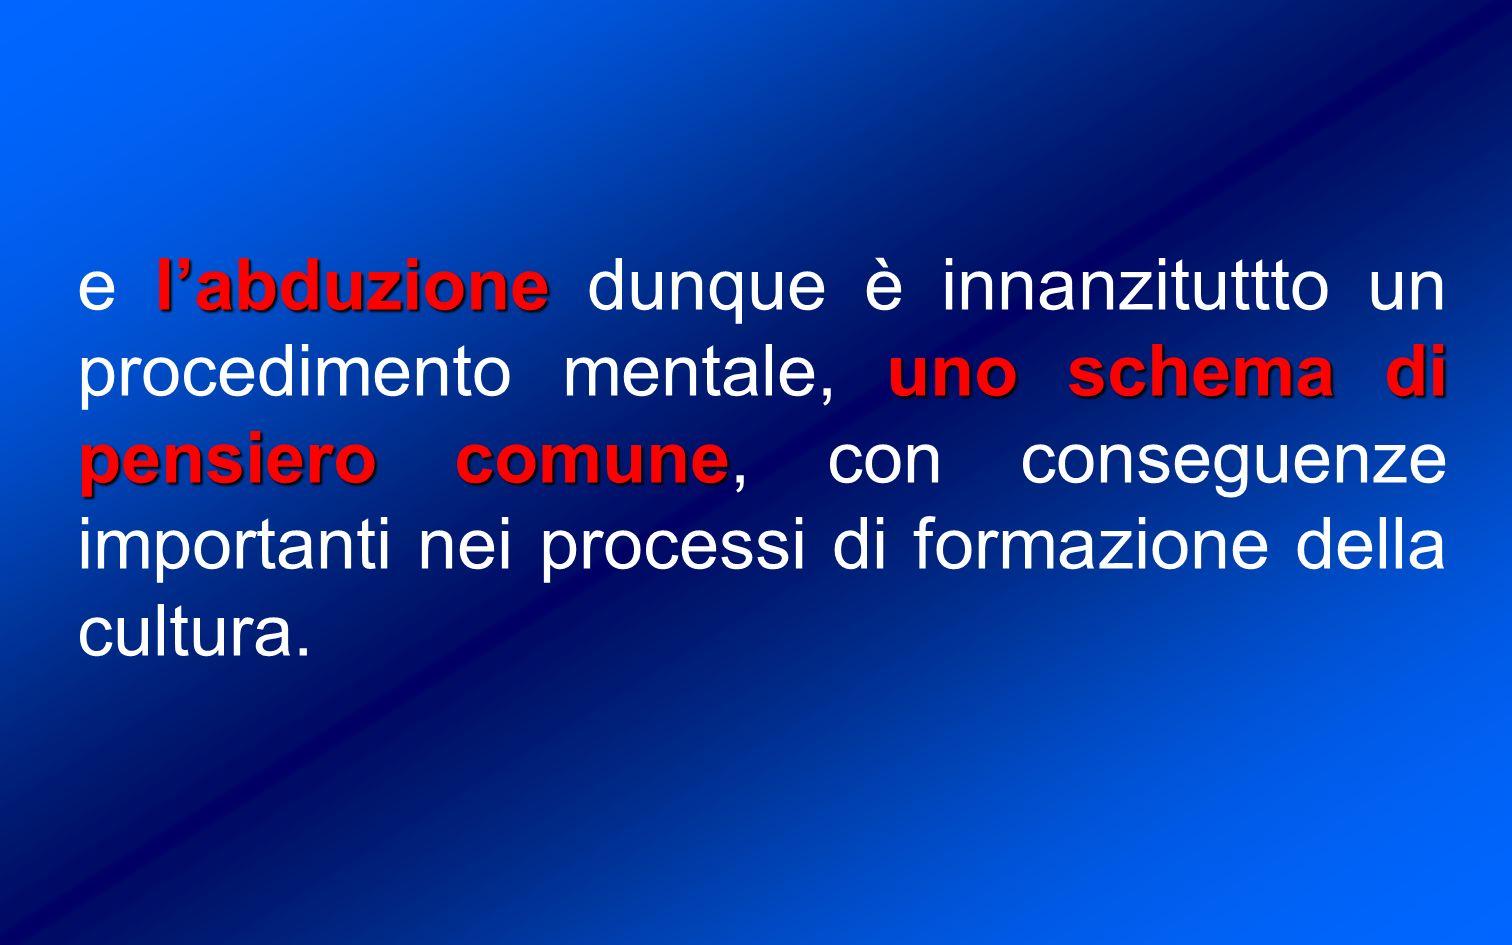 labduzione uno schema di pensiero comune e labduzione dunque è innanzituttto un procedimento mentale, uno schema di pensiero comune, con conseguenze importanti nei processi di formazione della cultura.